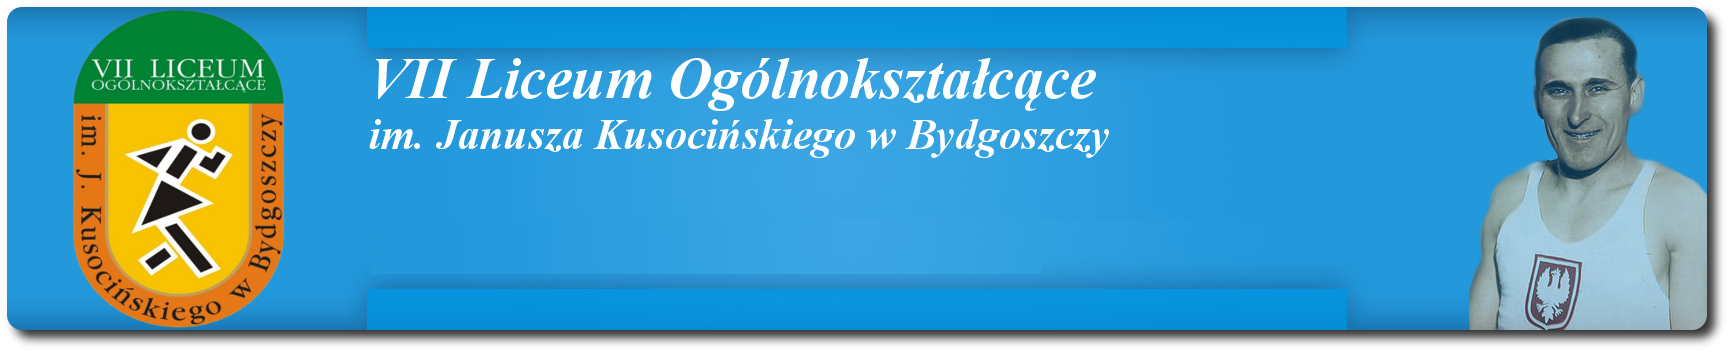 Oficjalna strona internetowa VII Liceum Ogólnokształcącego im. Janusza Kusocińskiego w Bydgoszczy i Gimnazjum nr 51